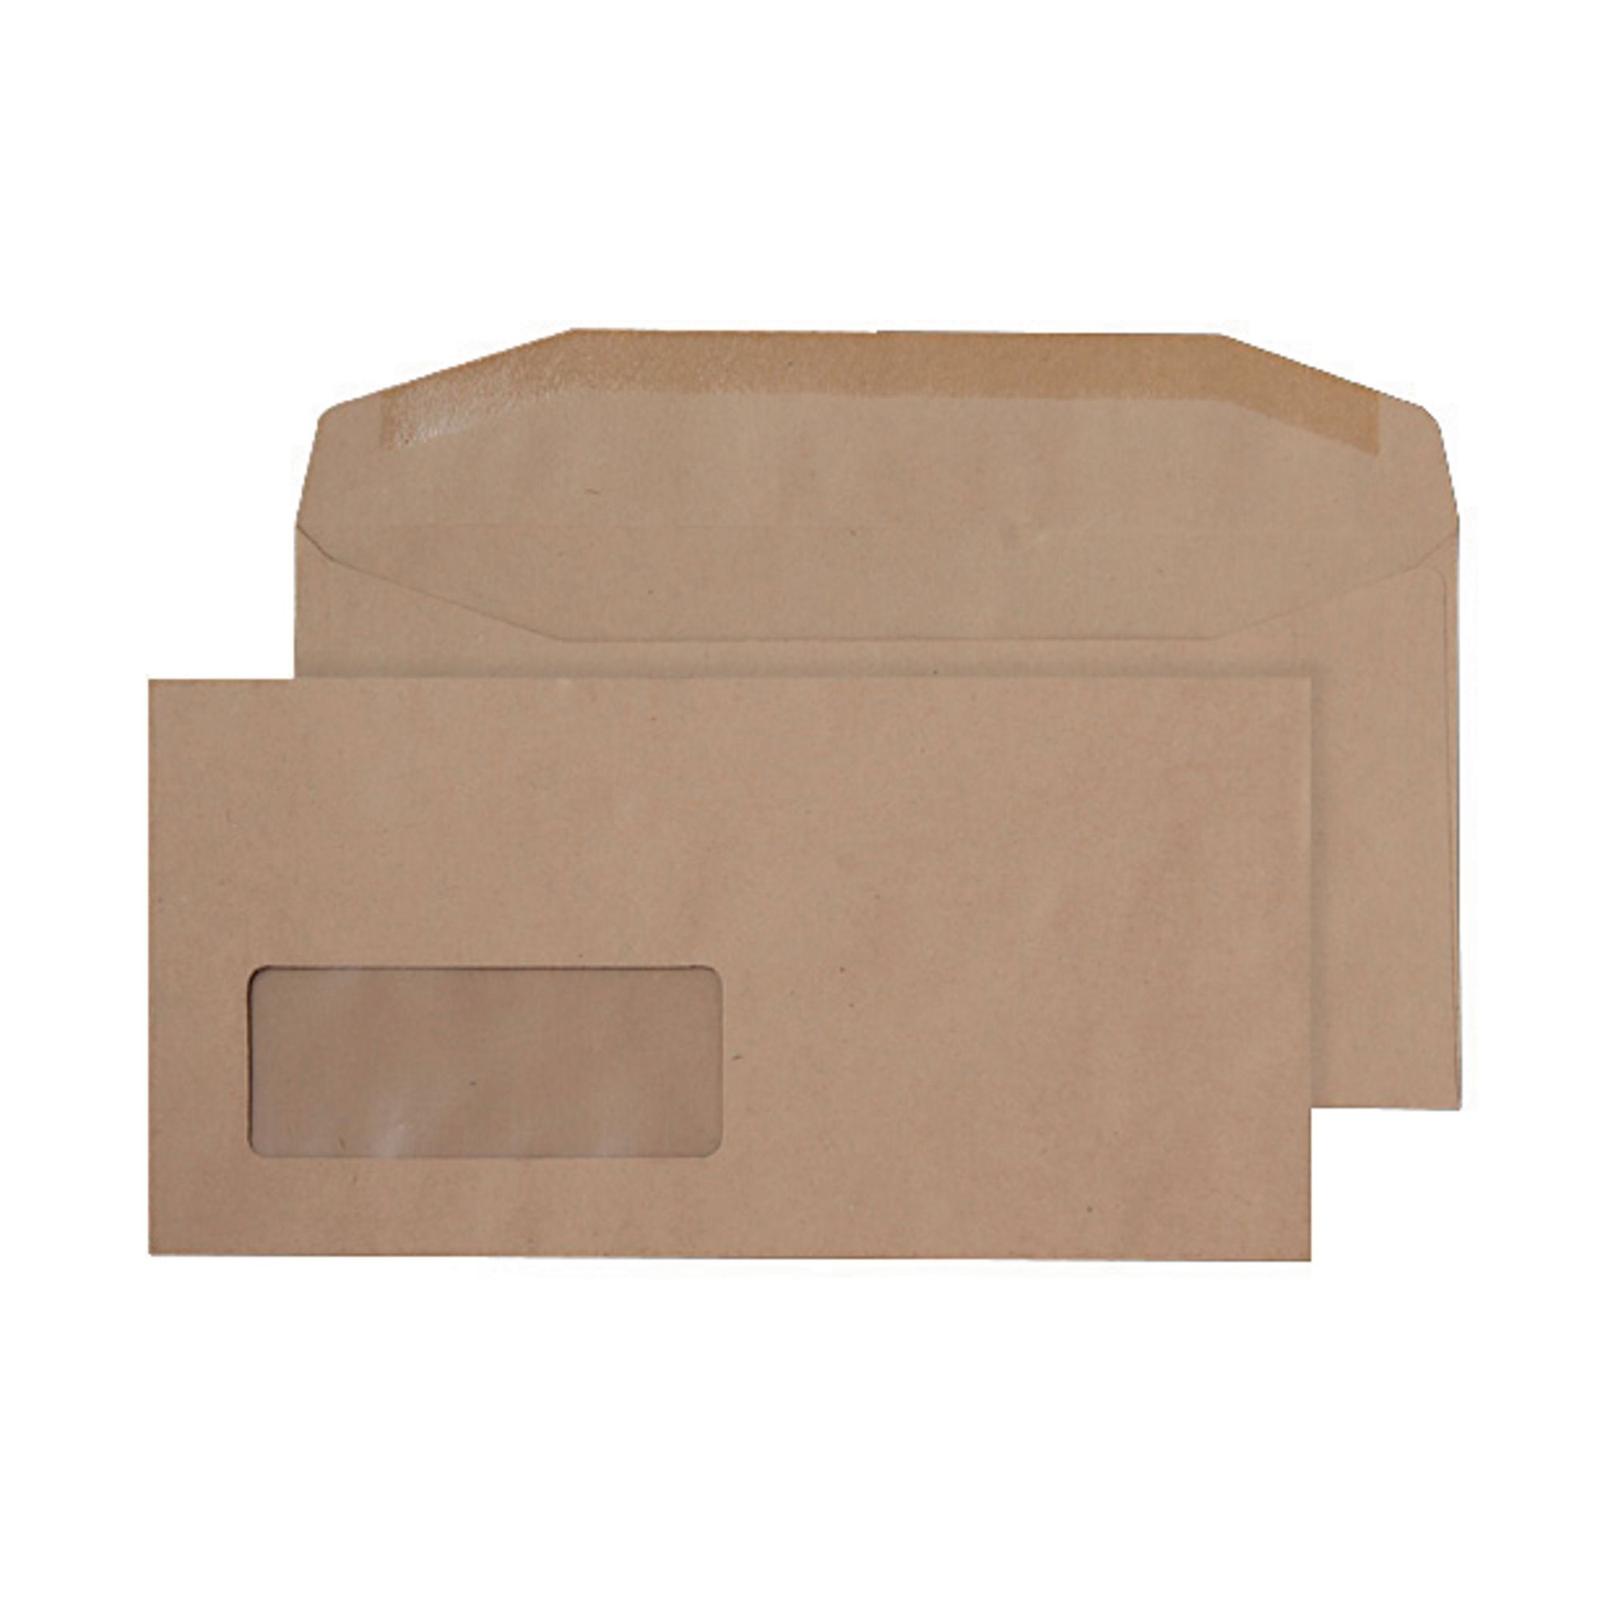 DL Manilla Buff Gummed Wallet Envelopes - Box of 1000